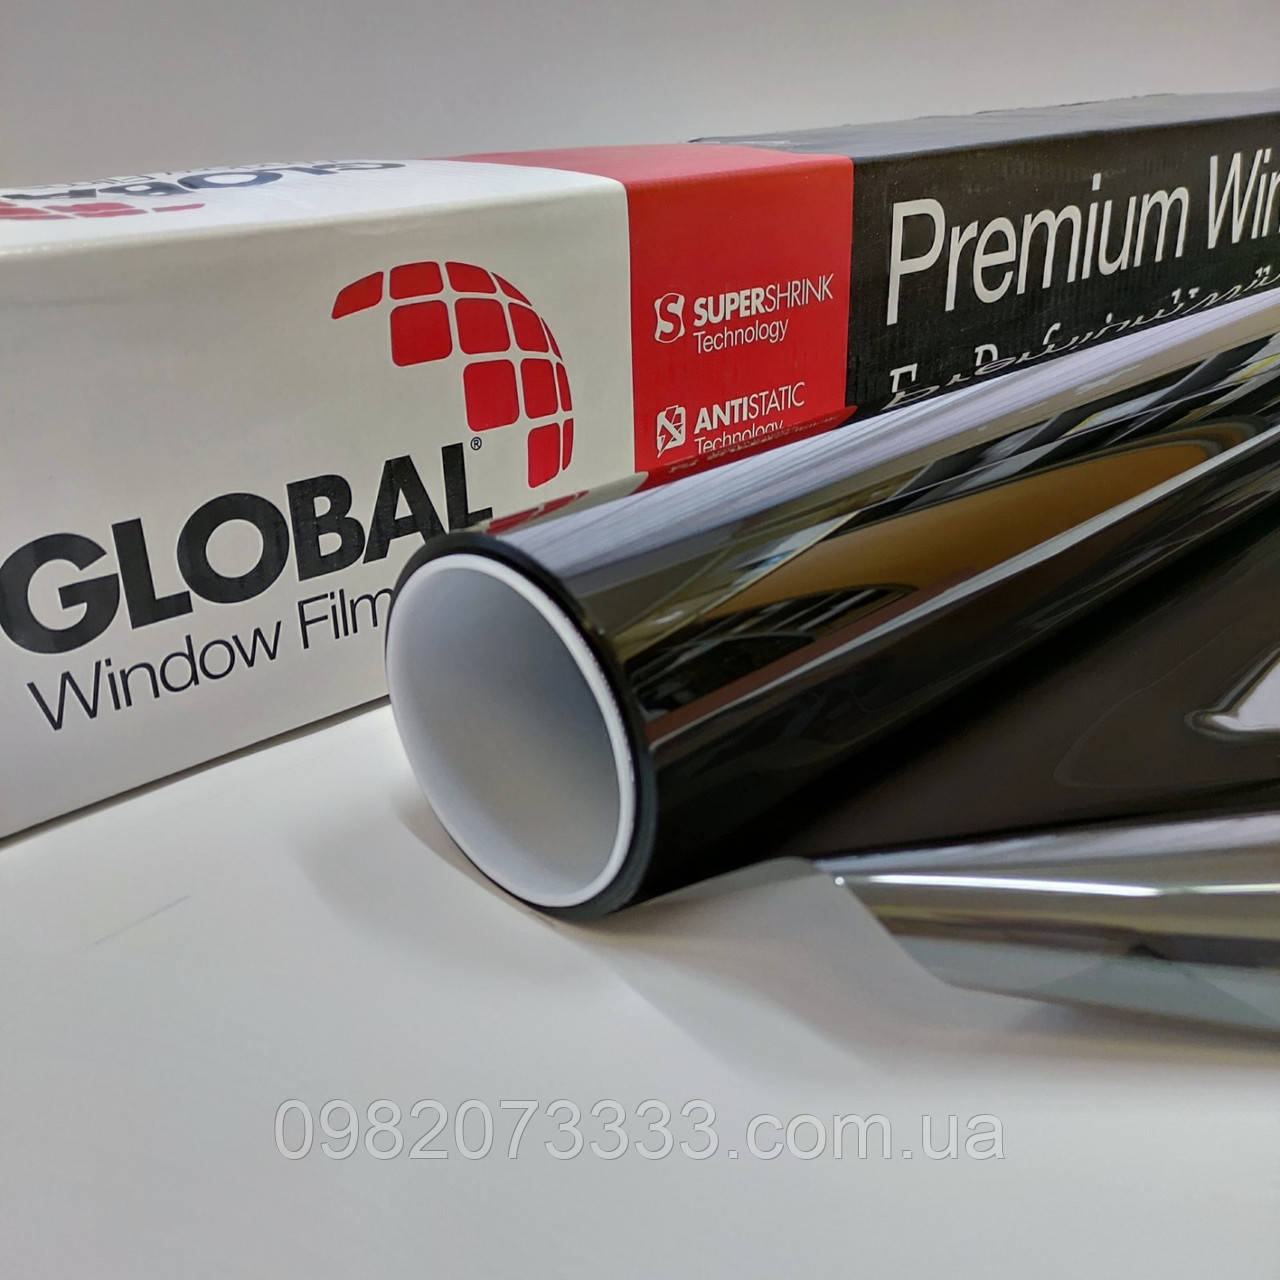 Автомобільна плівка HPI CH 15 ширина 1,524 (США) Global тонувальна. Тонування авто. Глобал (ціна за кв. м)